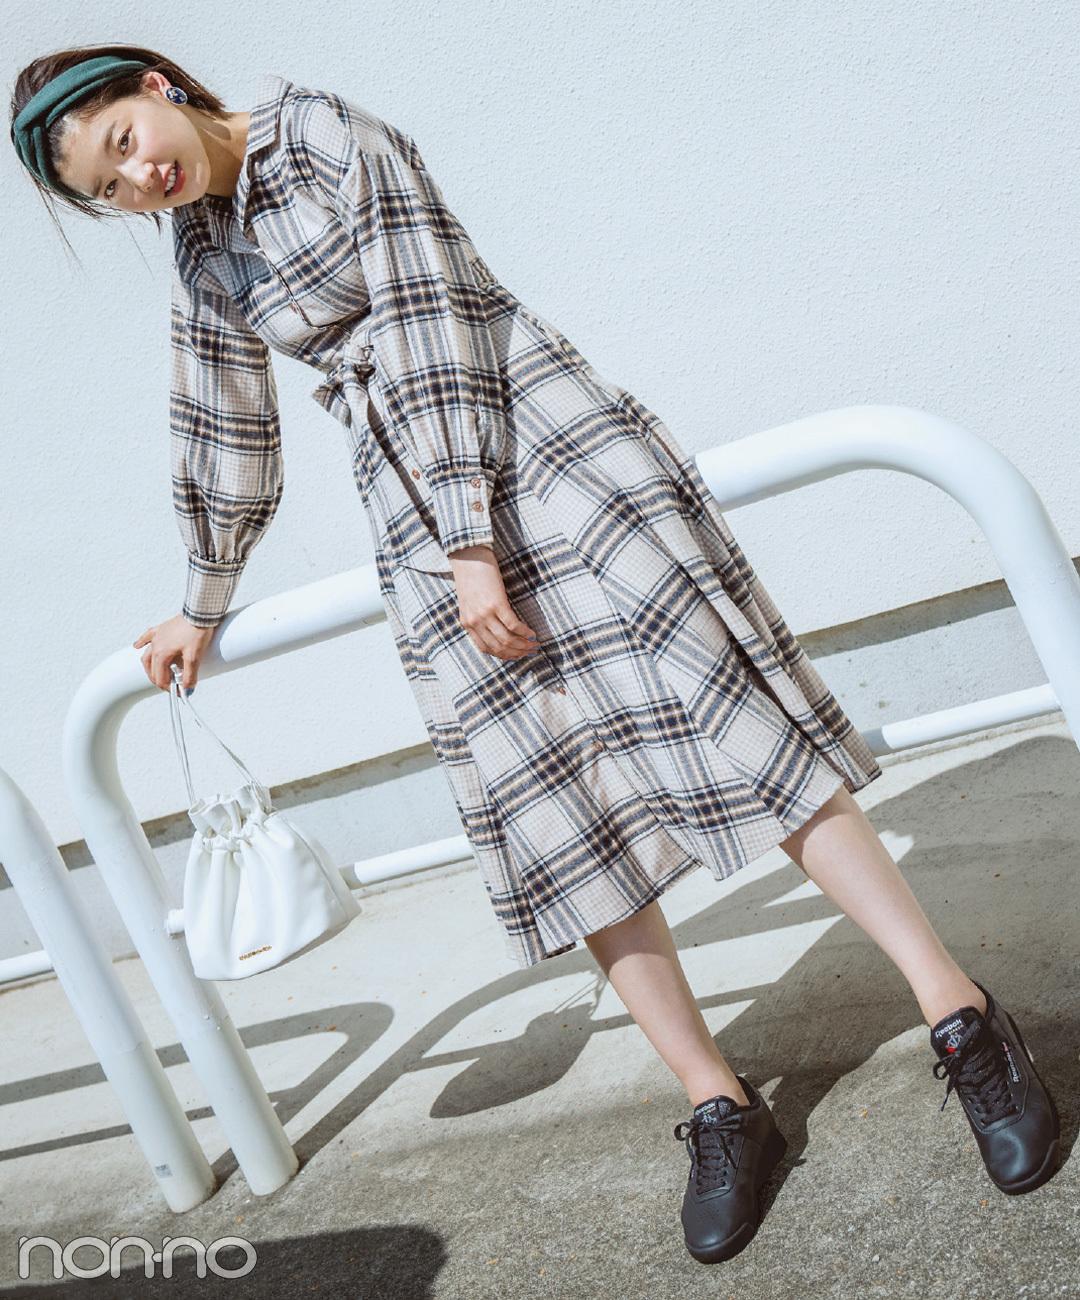 【黒スニーカーコーデ】渡邉理佐は、淡色ベースのチェック柄ワンピにストカジな雰囲気をひと盛り